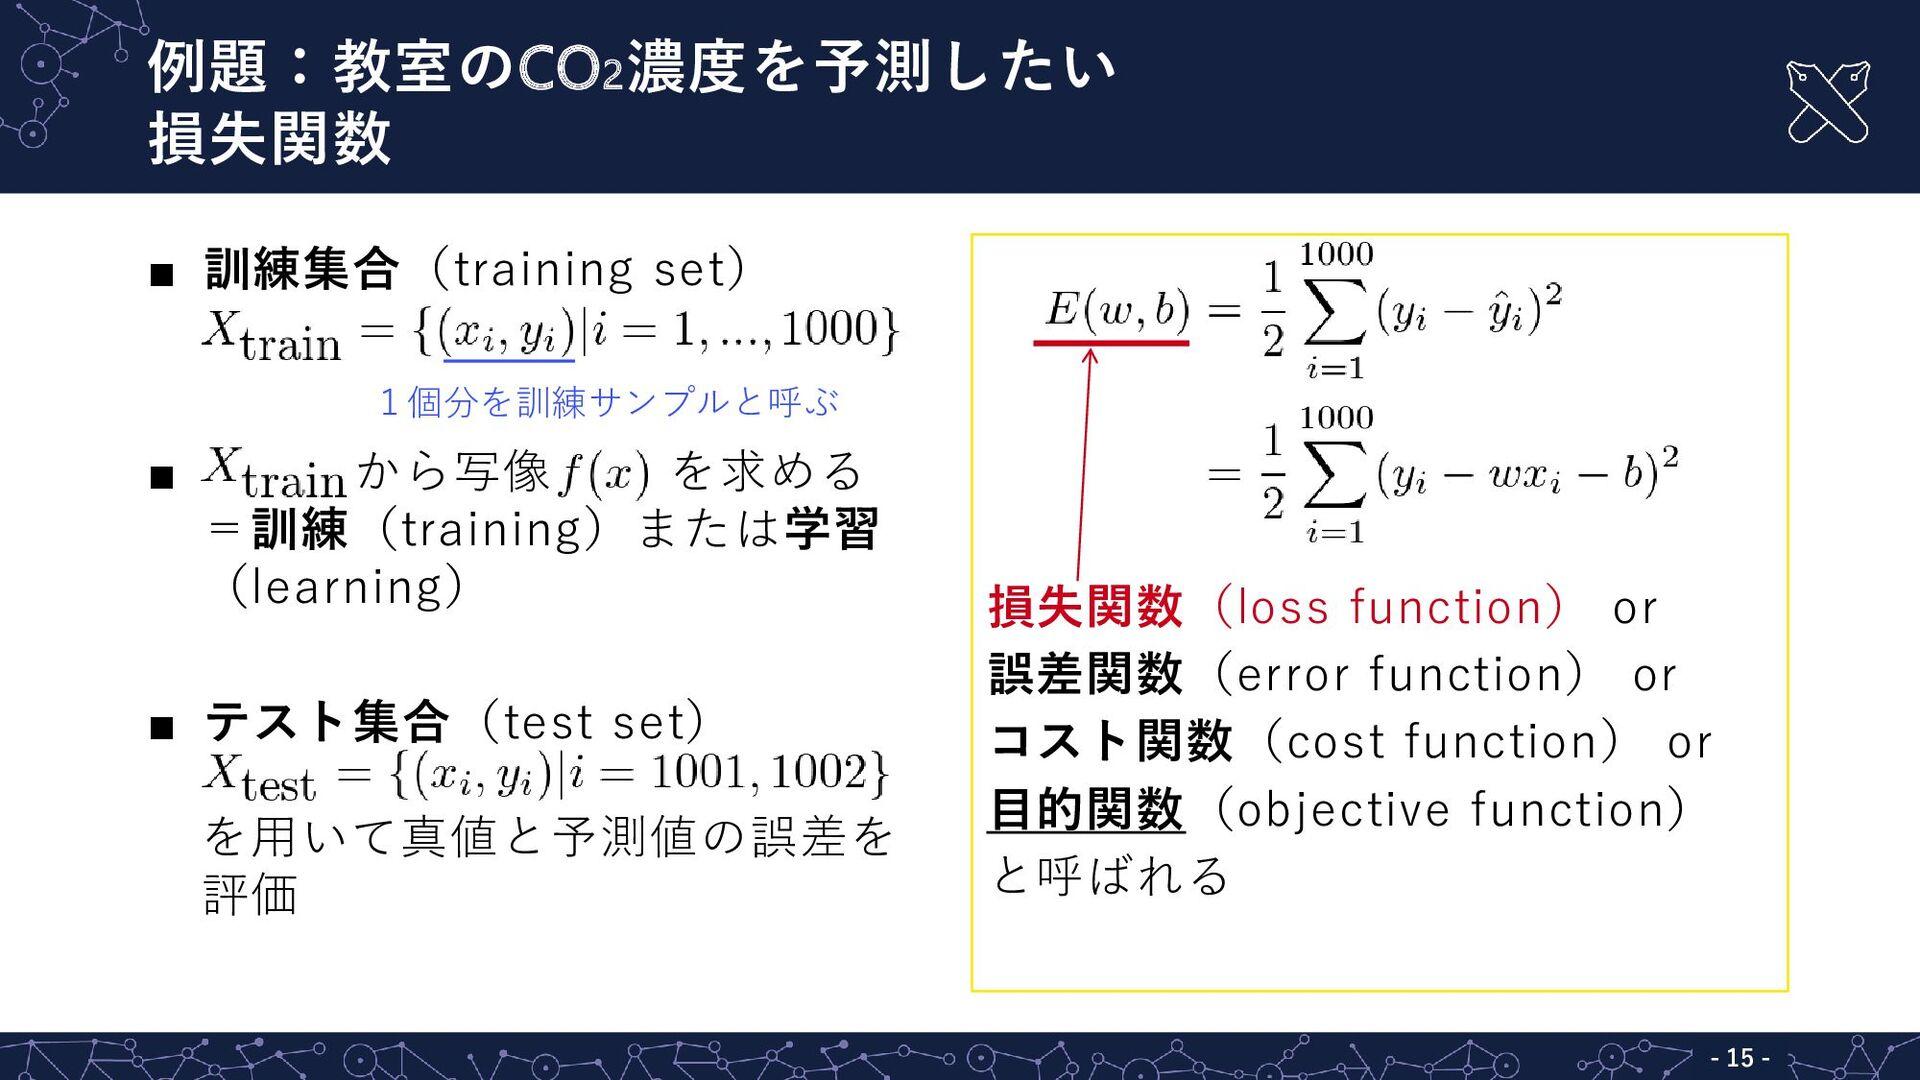 損失関数(loss function) or 誤差関数(error function) or ...